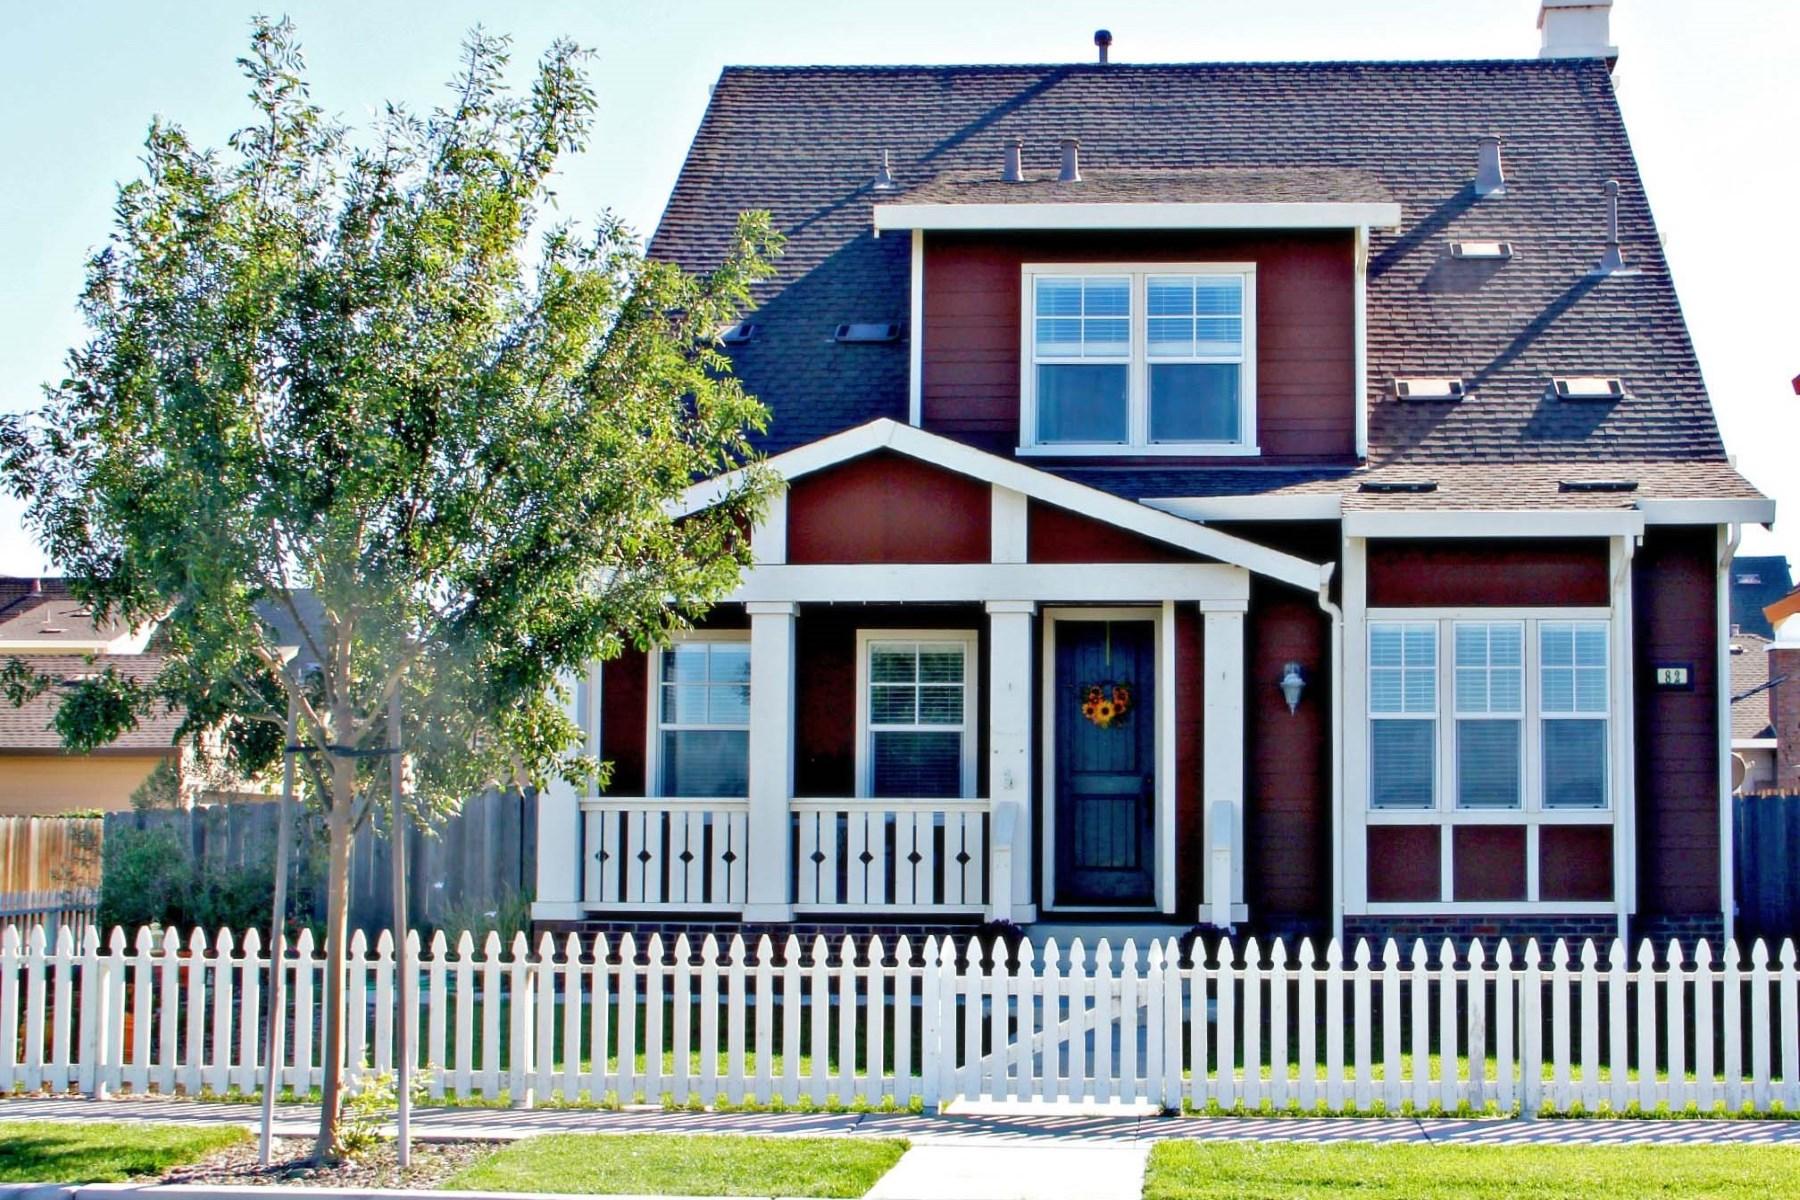 Maison unifamiliale pour l Vente à Big Sky Views 82 Nacional Avenue Spreckels, Californie 93962 États-Unis